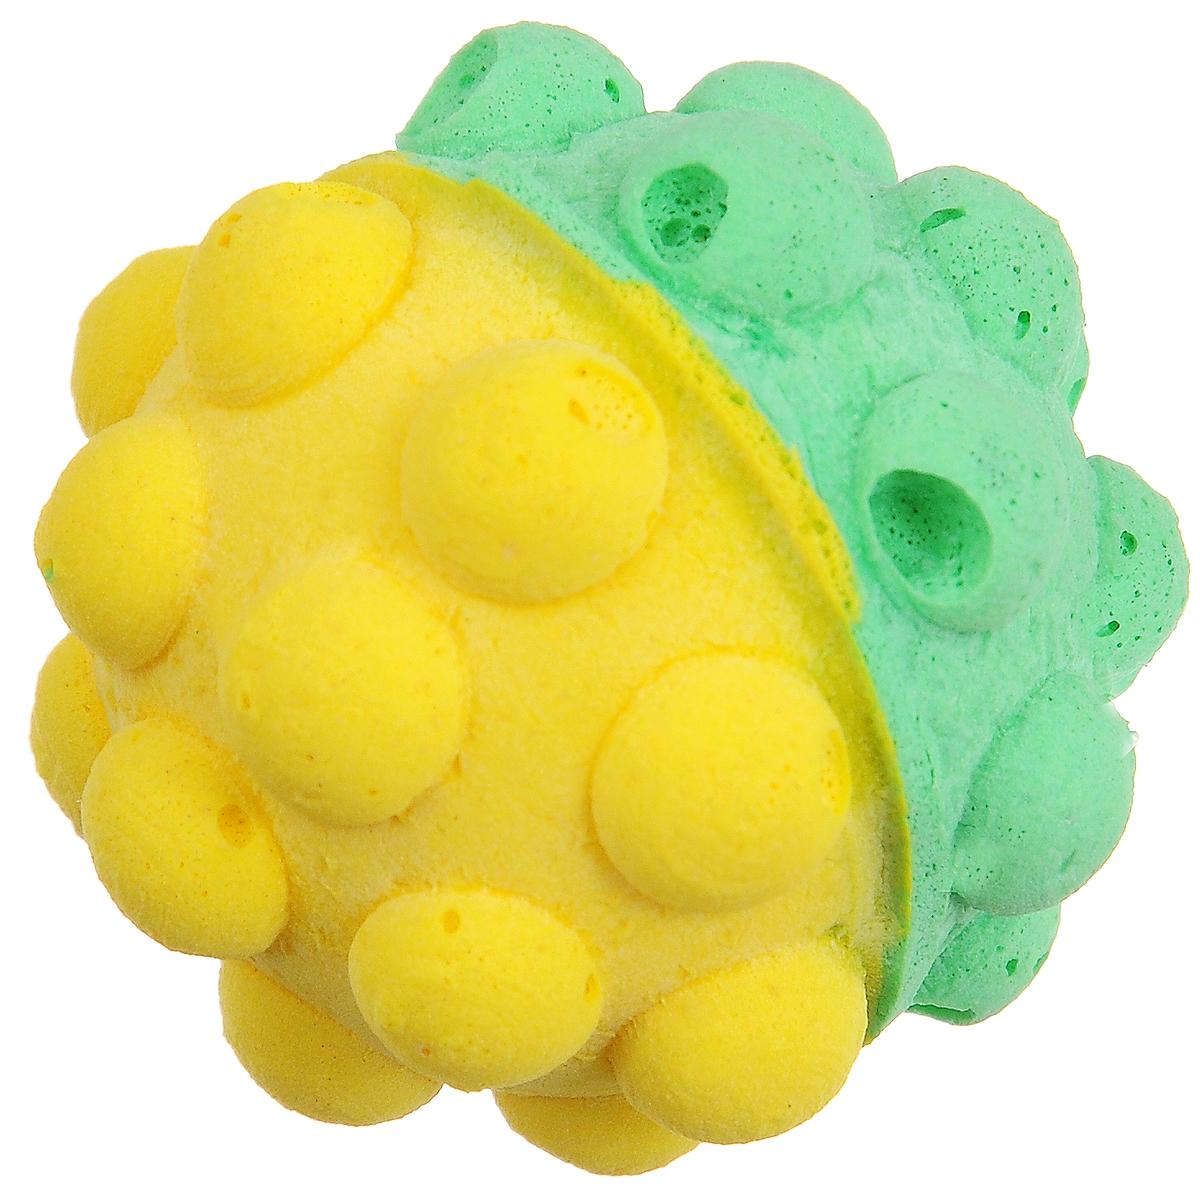 Игрушка для животных Каскад Мячик зефирный. Мина, цвет: зеленый, желтый, диаметр 4,5 см блендер galaxy gl2153